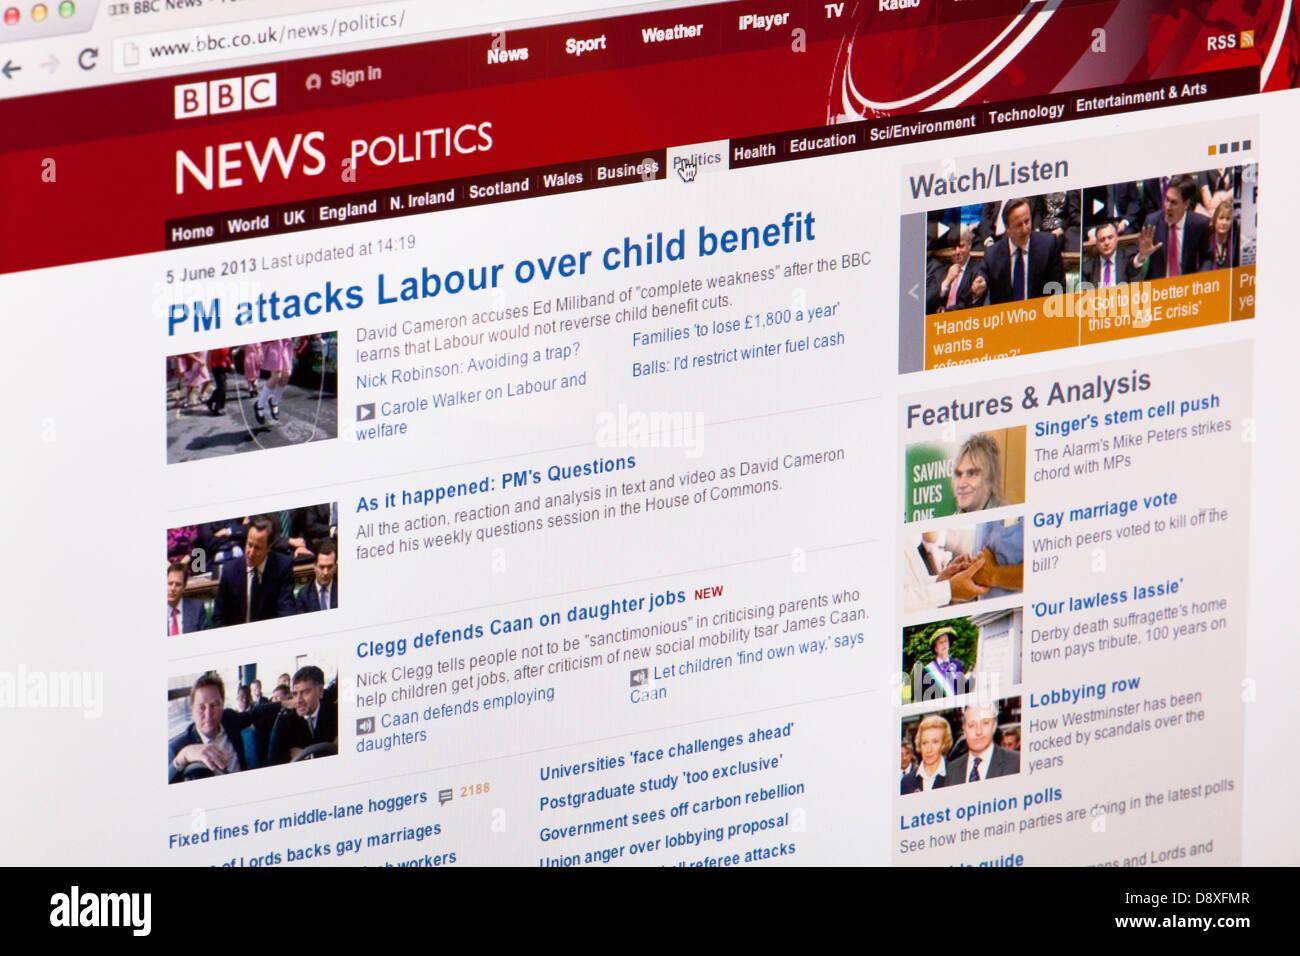 BBC News La política página principal página Web o página web en una pantalla de ordenador portátil Imagen De Stock